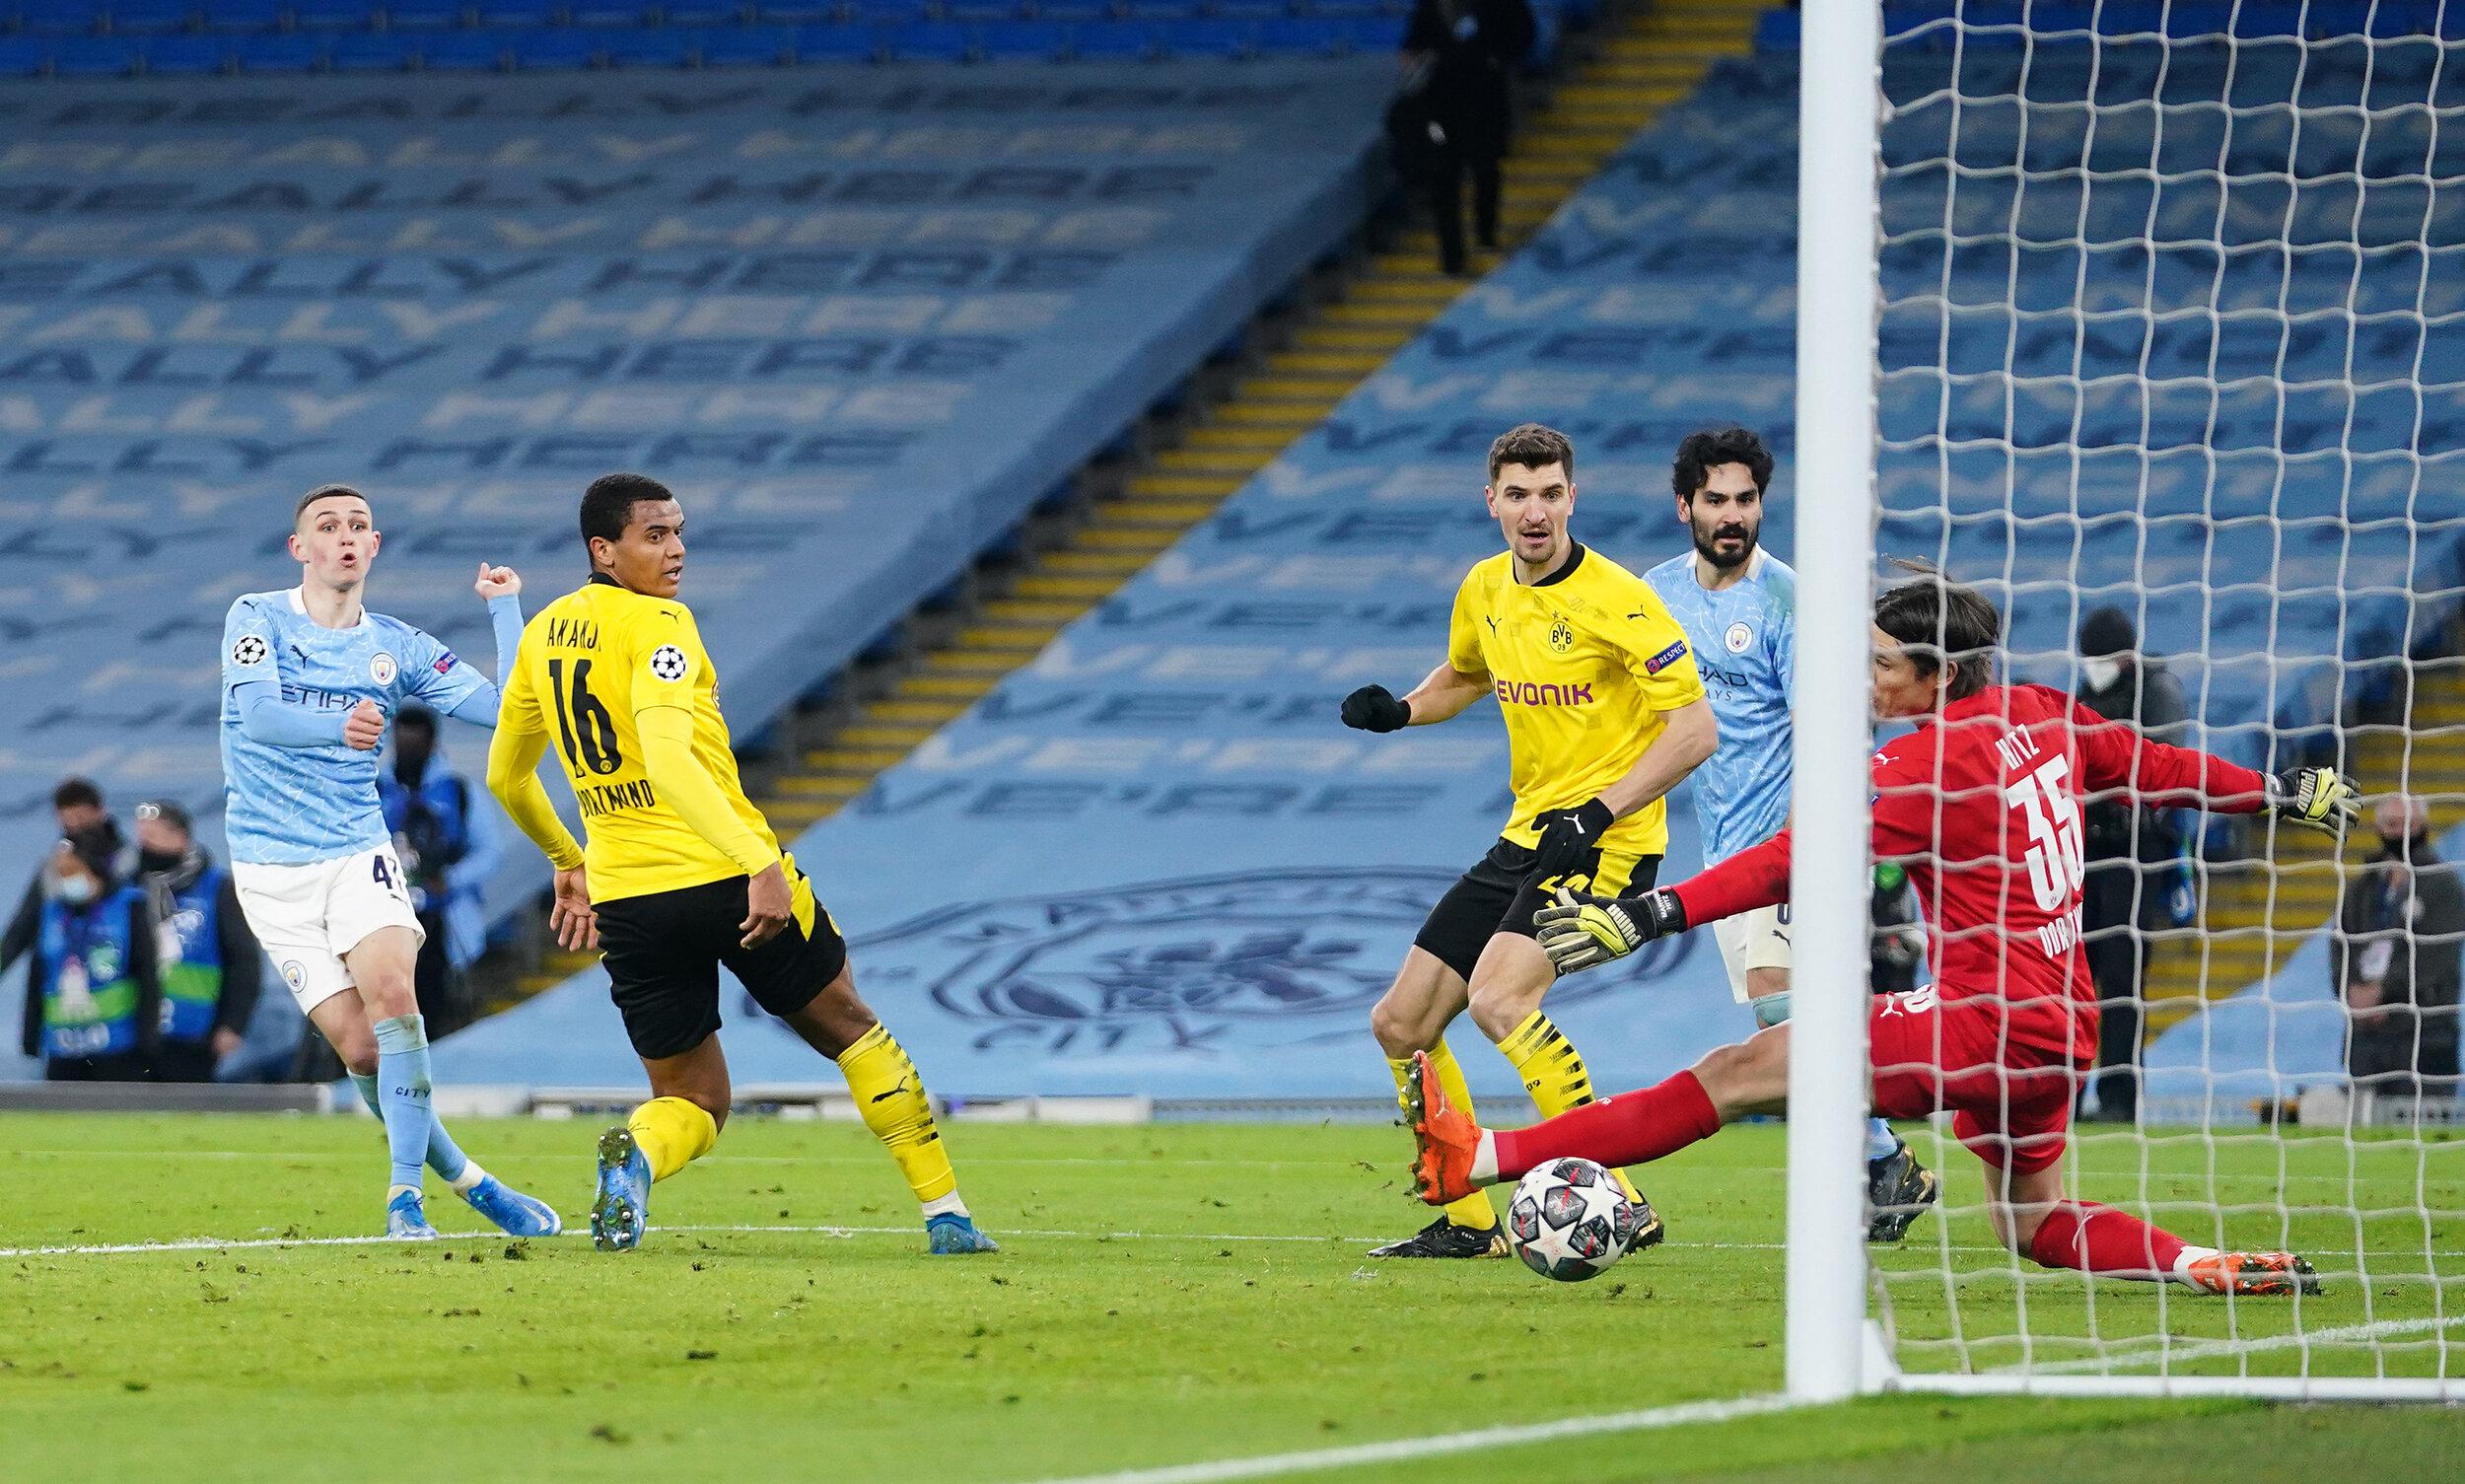 El City derrota 2-1 al Borussia Dortmund